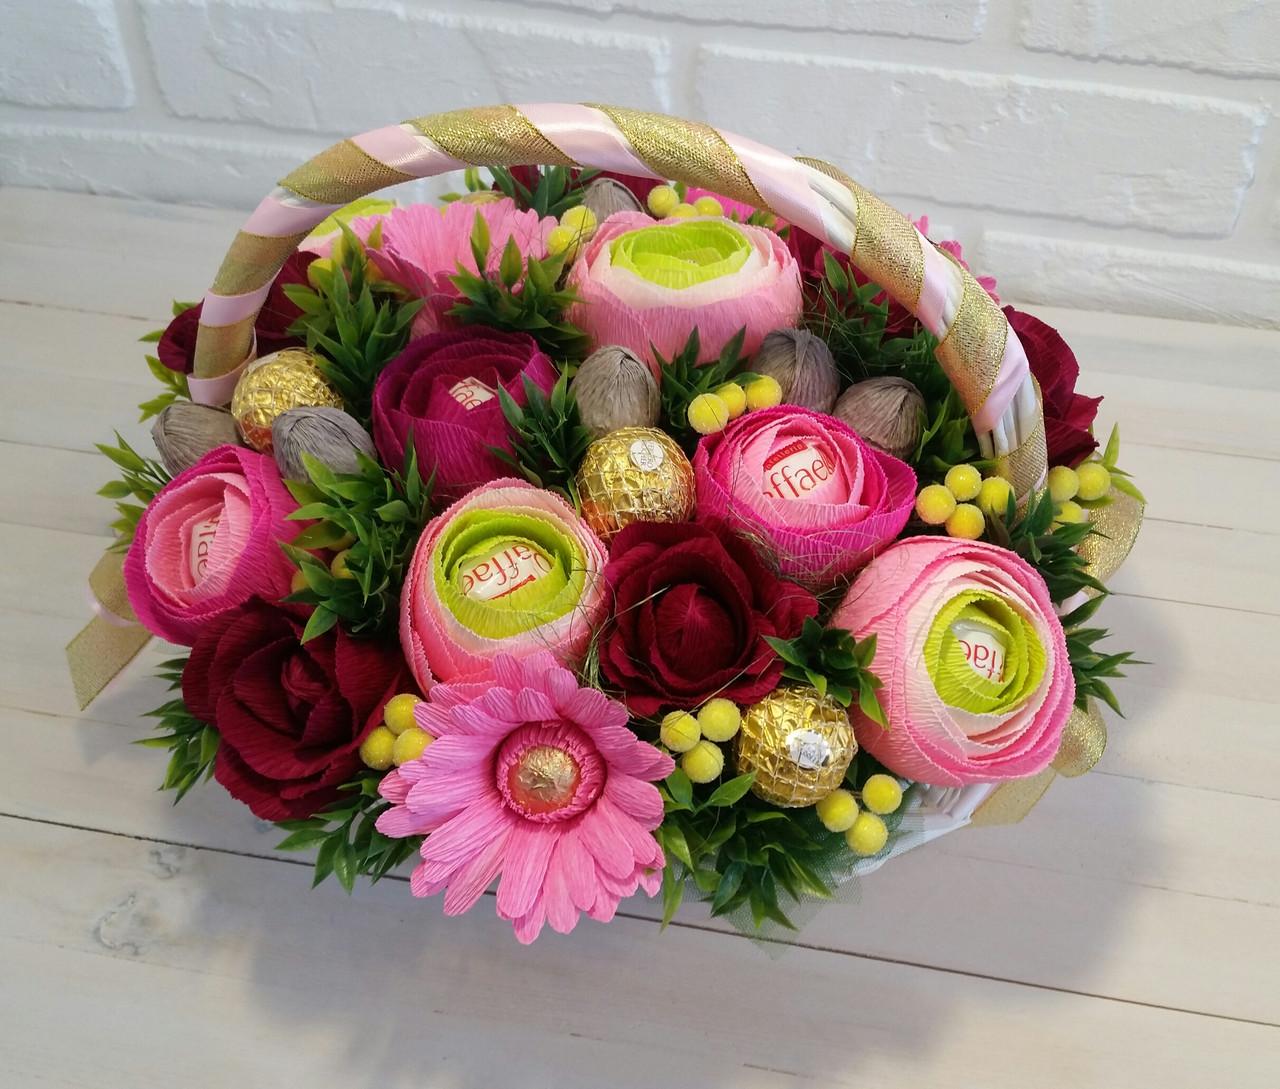 Фото букетов из цветов с конфетами